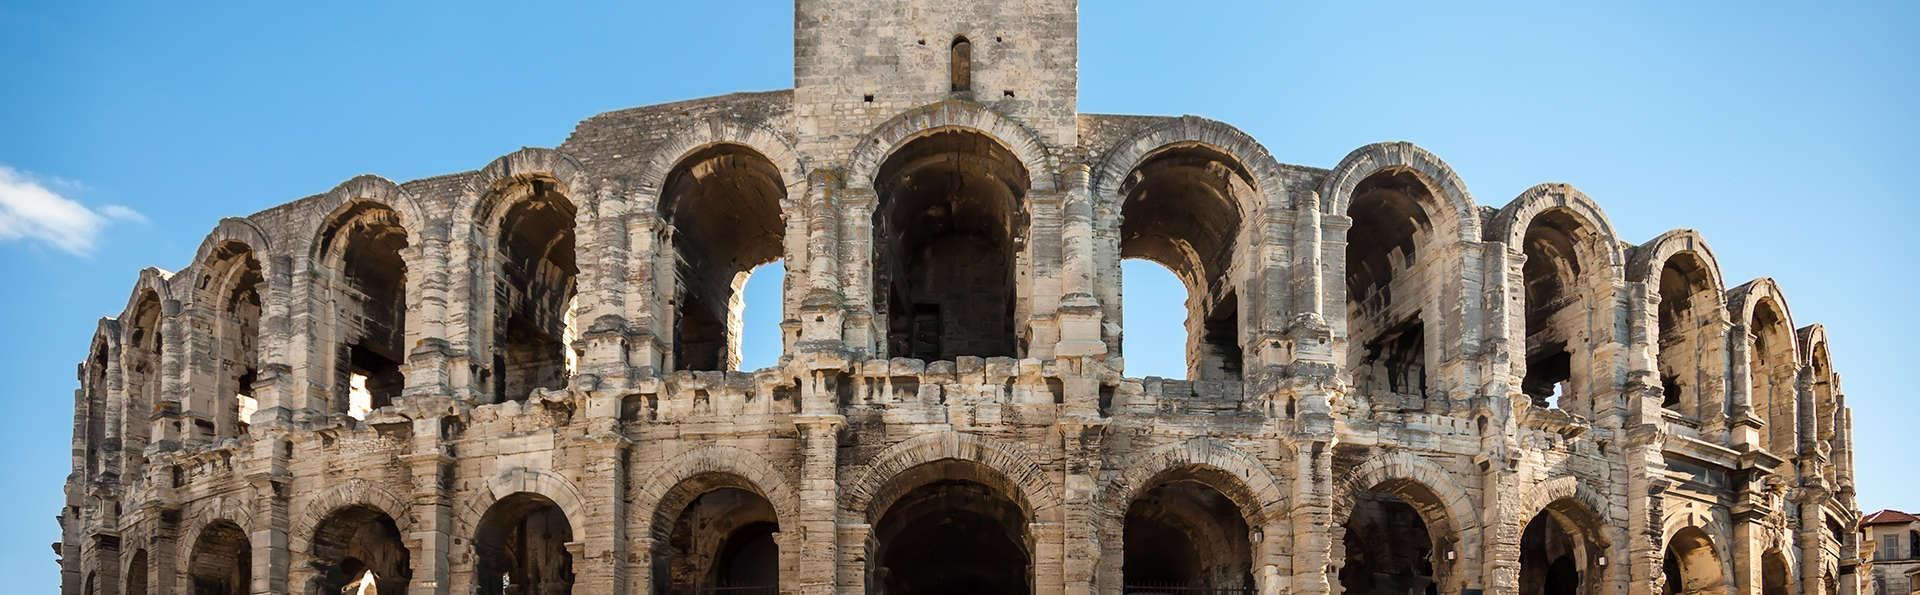 Adonis Arles by Olydea - Edit_Arles.jpg